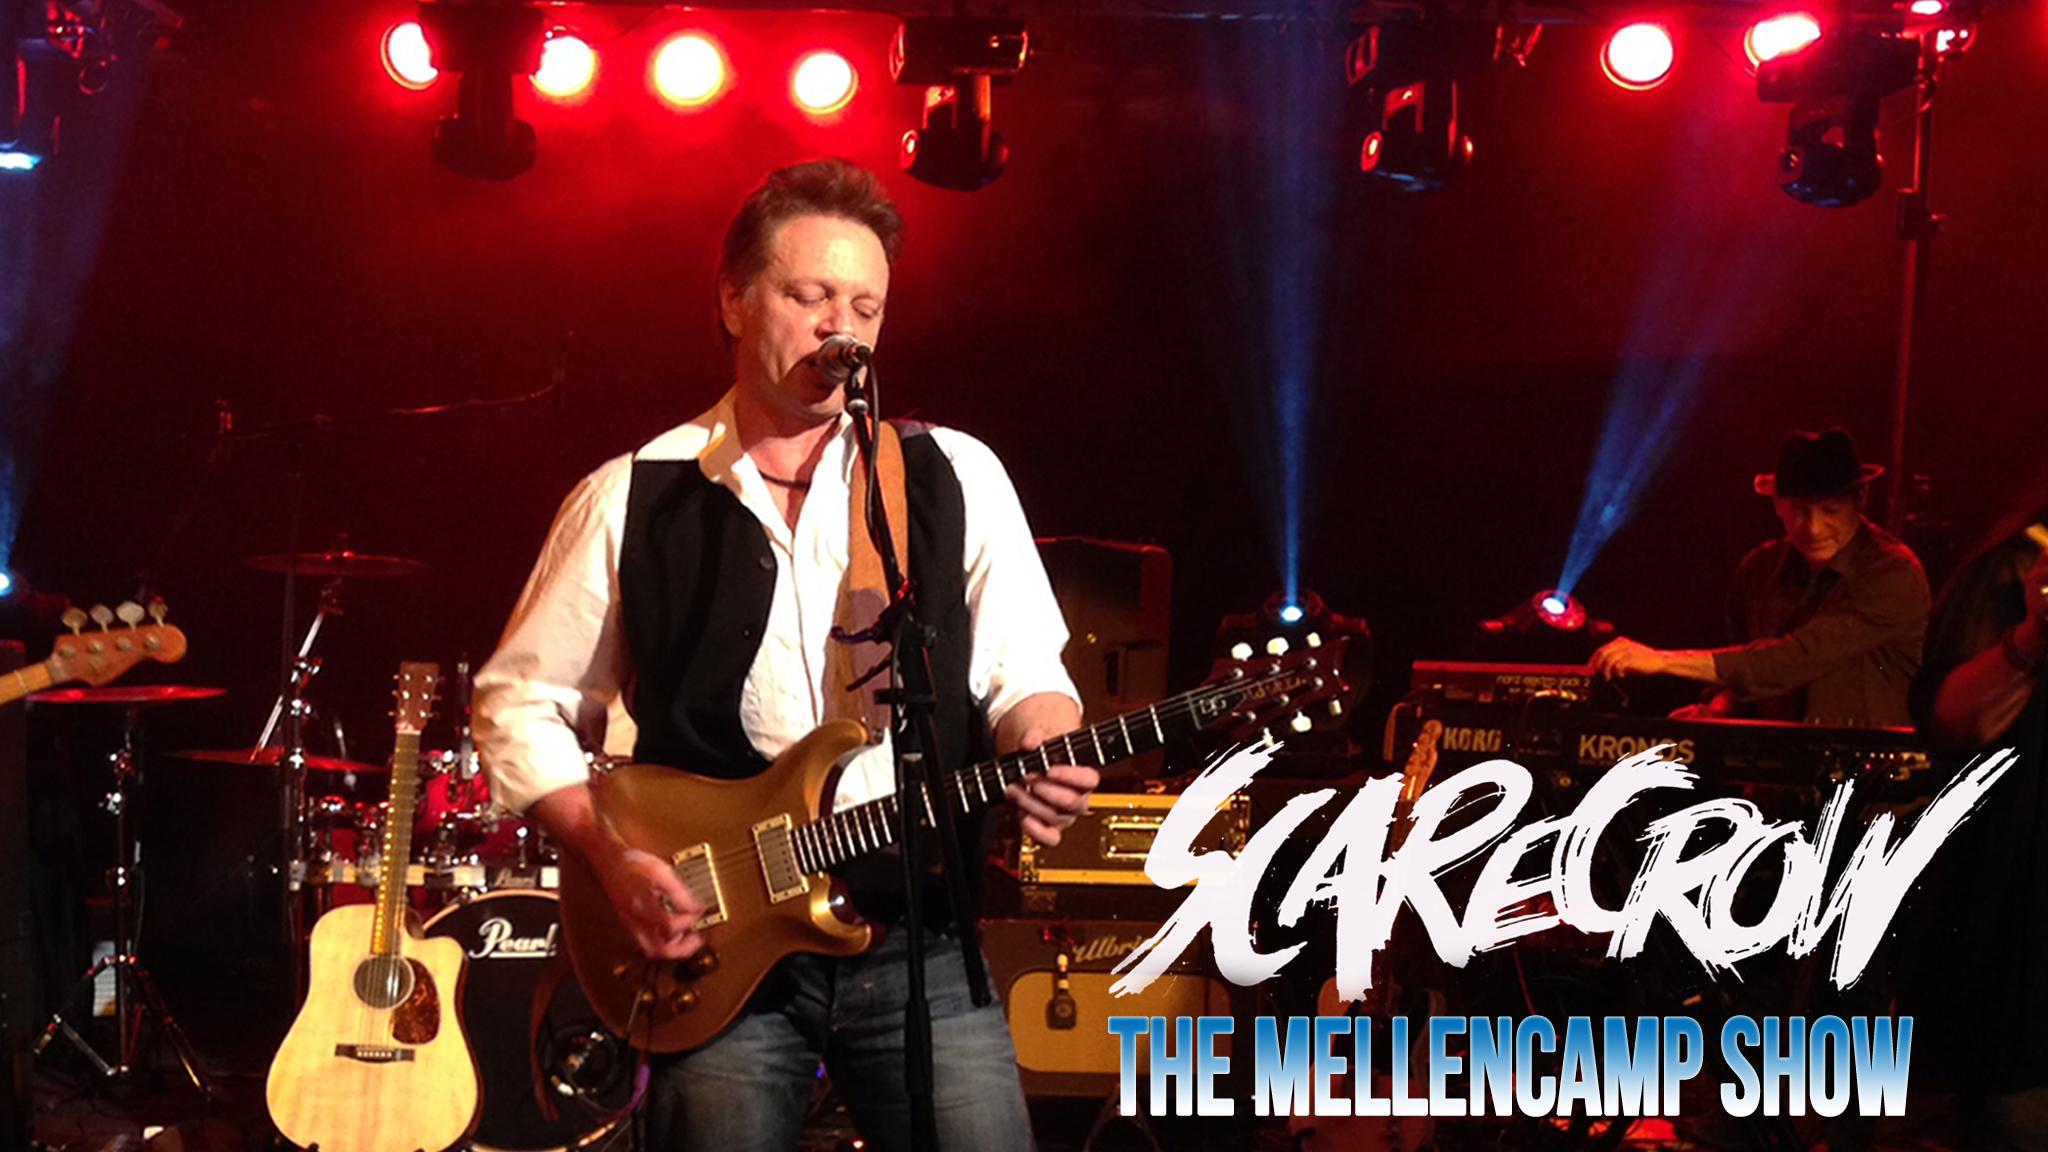 Scarecrow-–-The-Mellencamp-Show